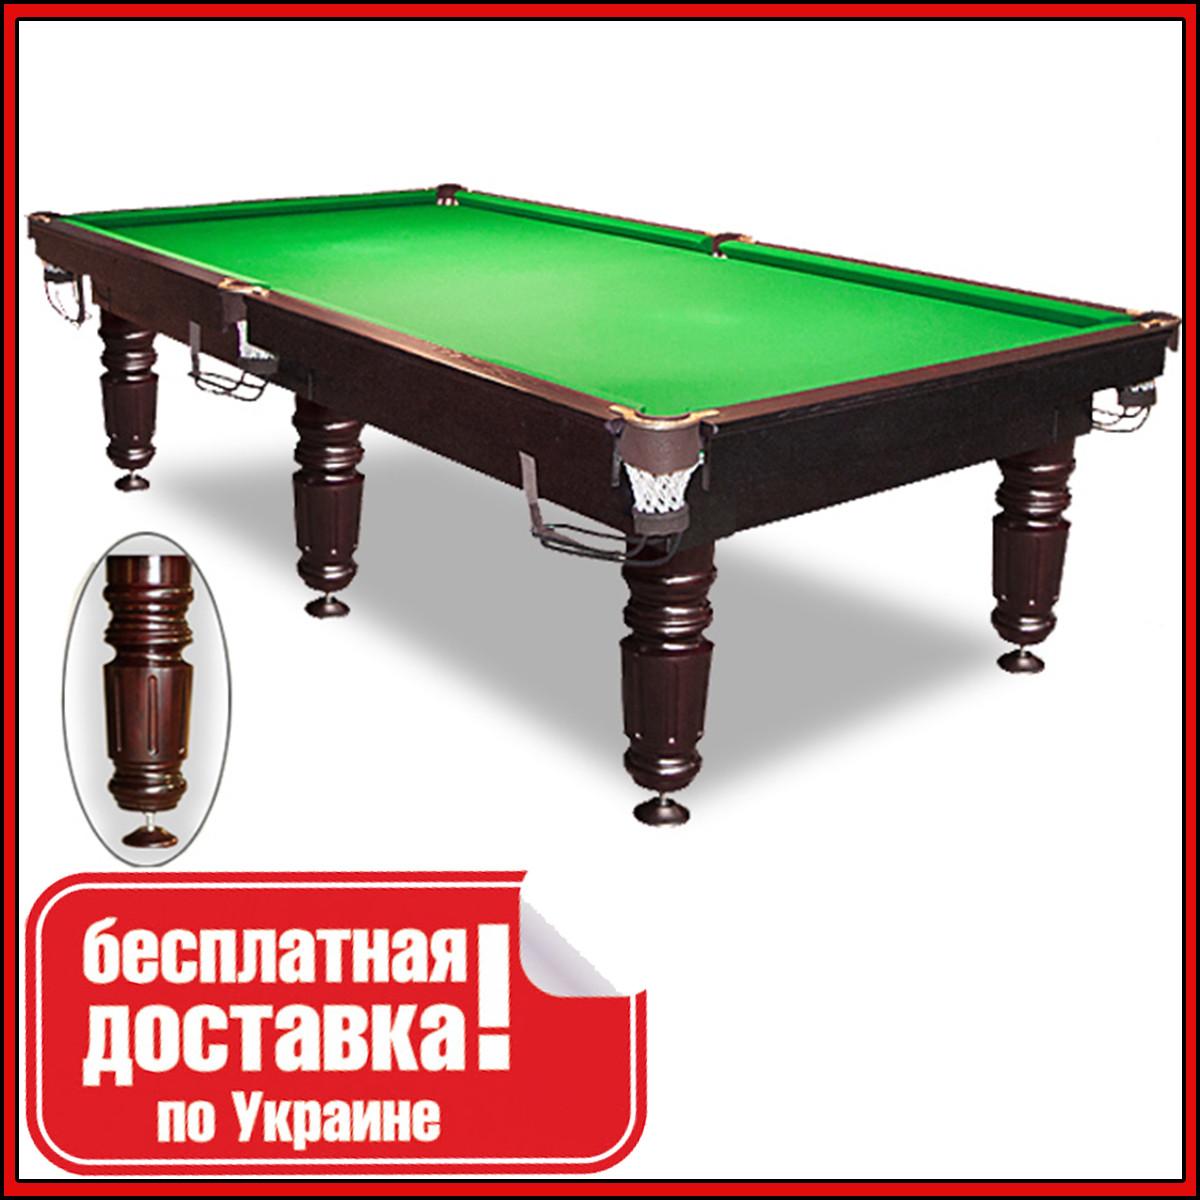 Більярдний стіл Сіріус снукер 9 футів Ардезія 2.6 м х 1.3 м з натурального дерева